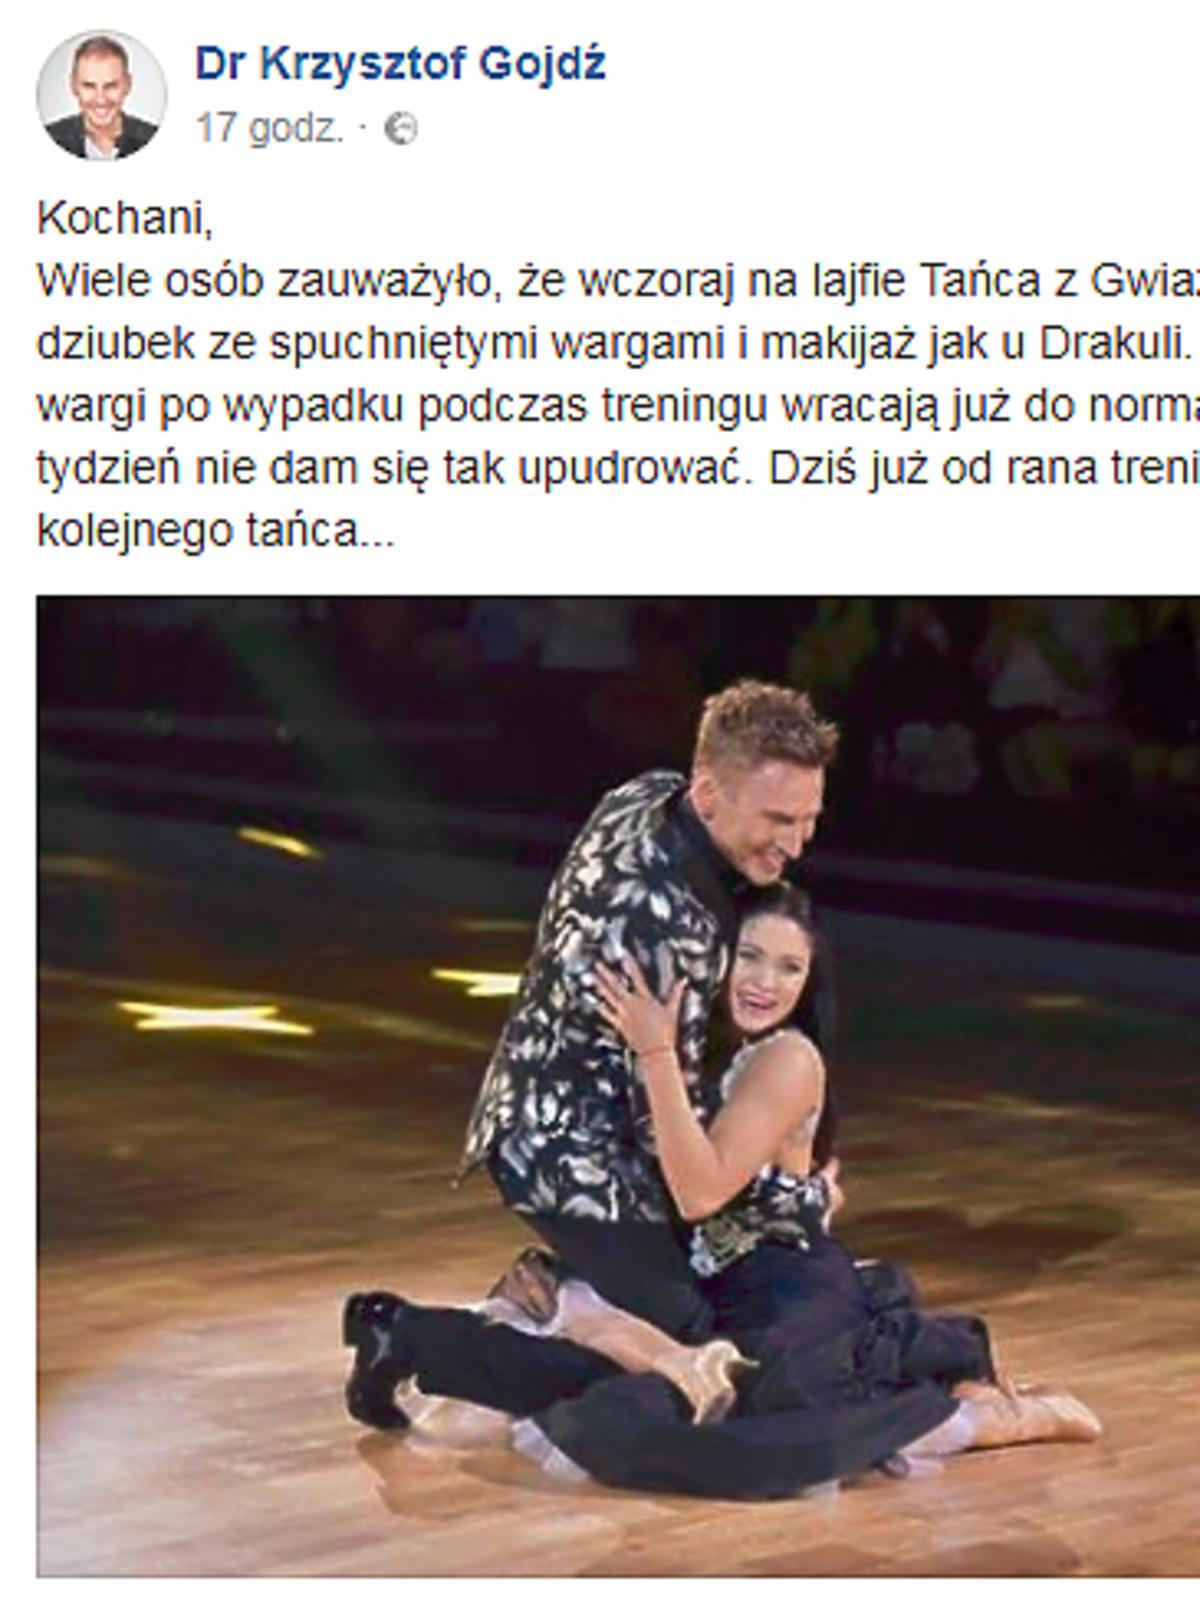 Krzysztof Gojdź - co zrobi z pieniędzmi z Tańca z Gwiazdami?